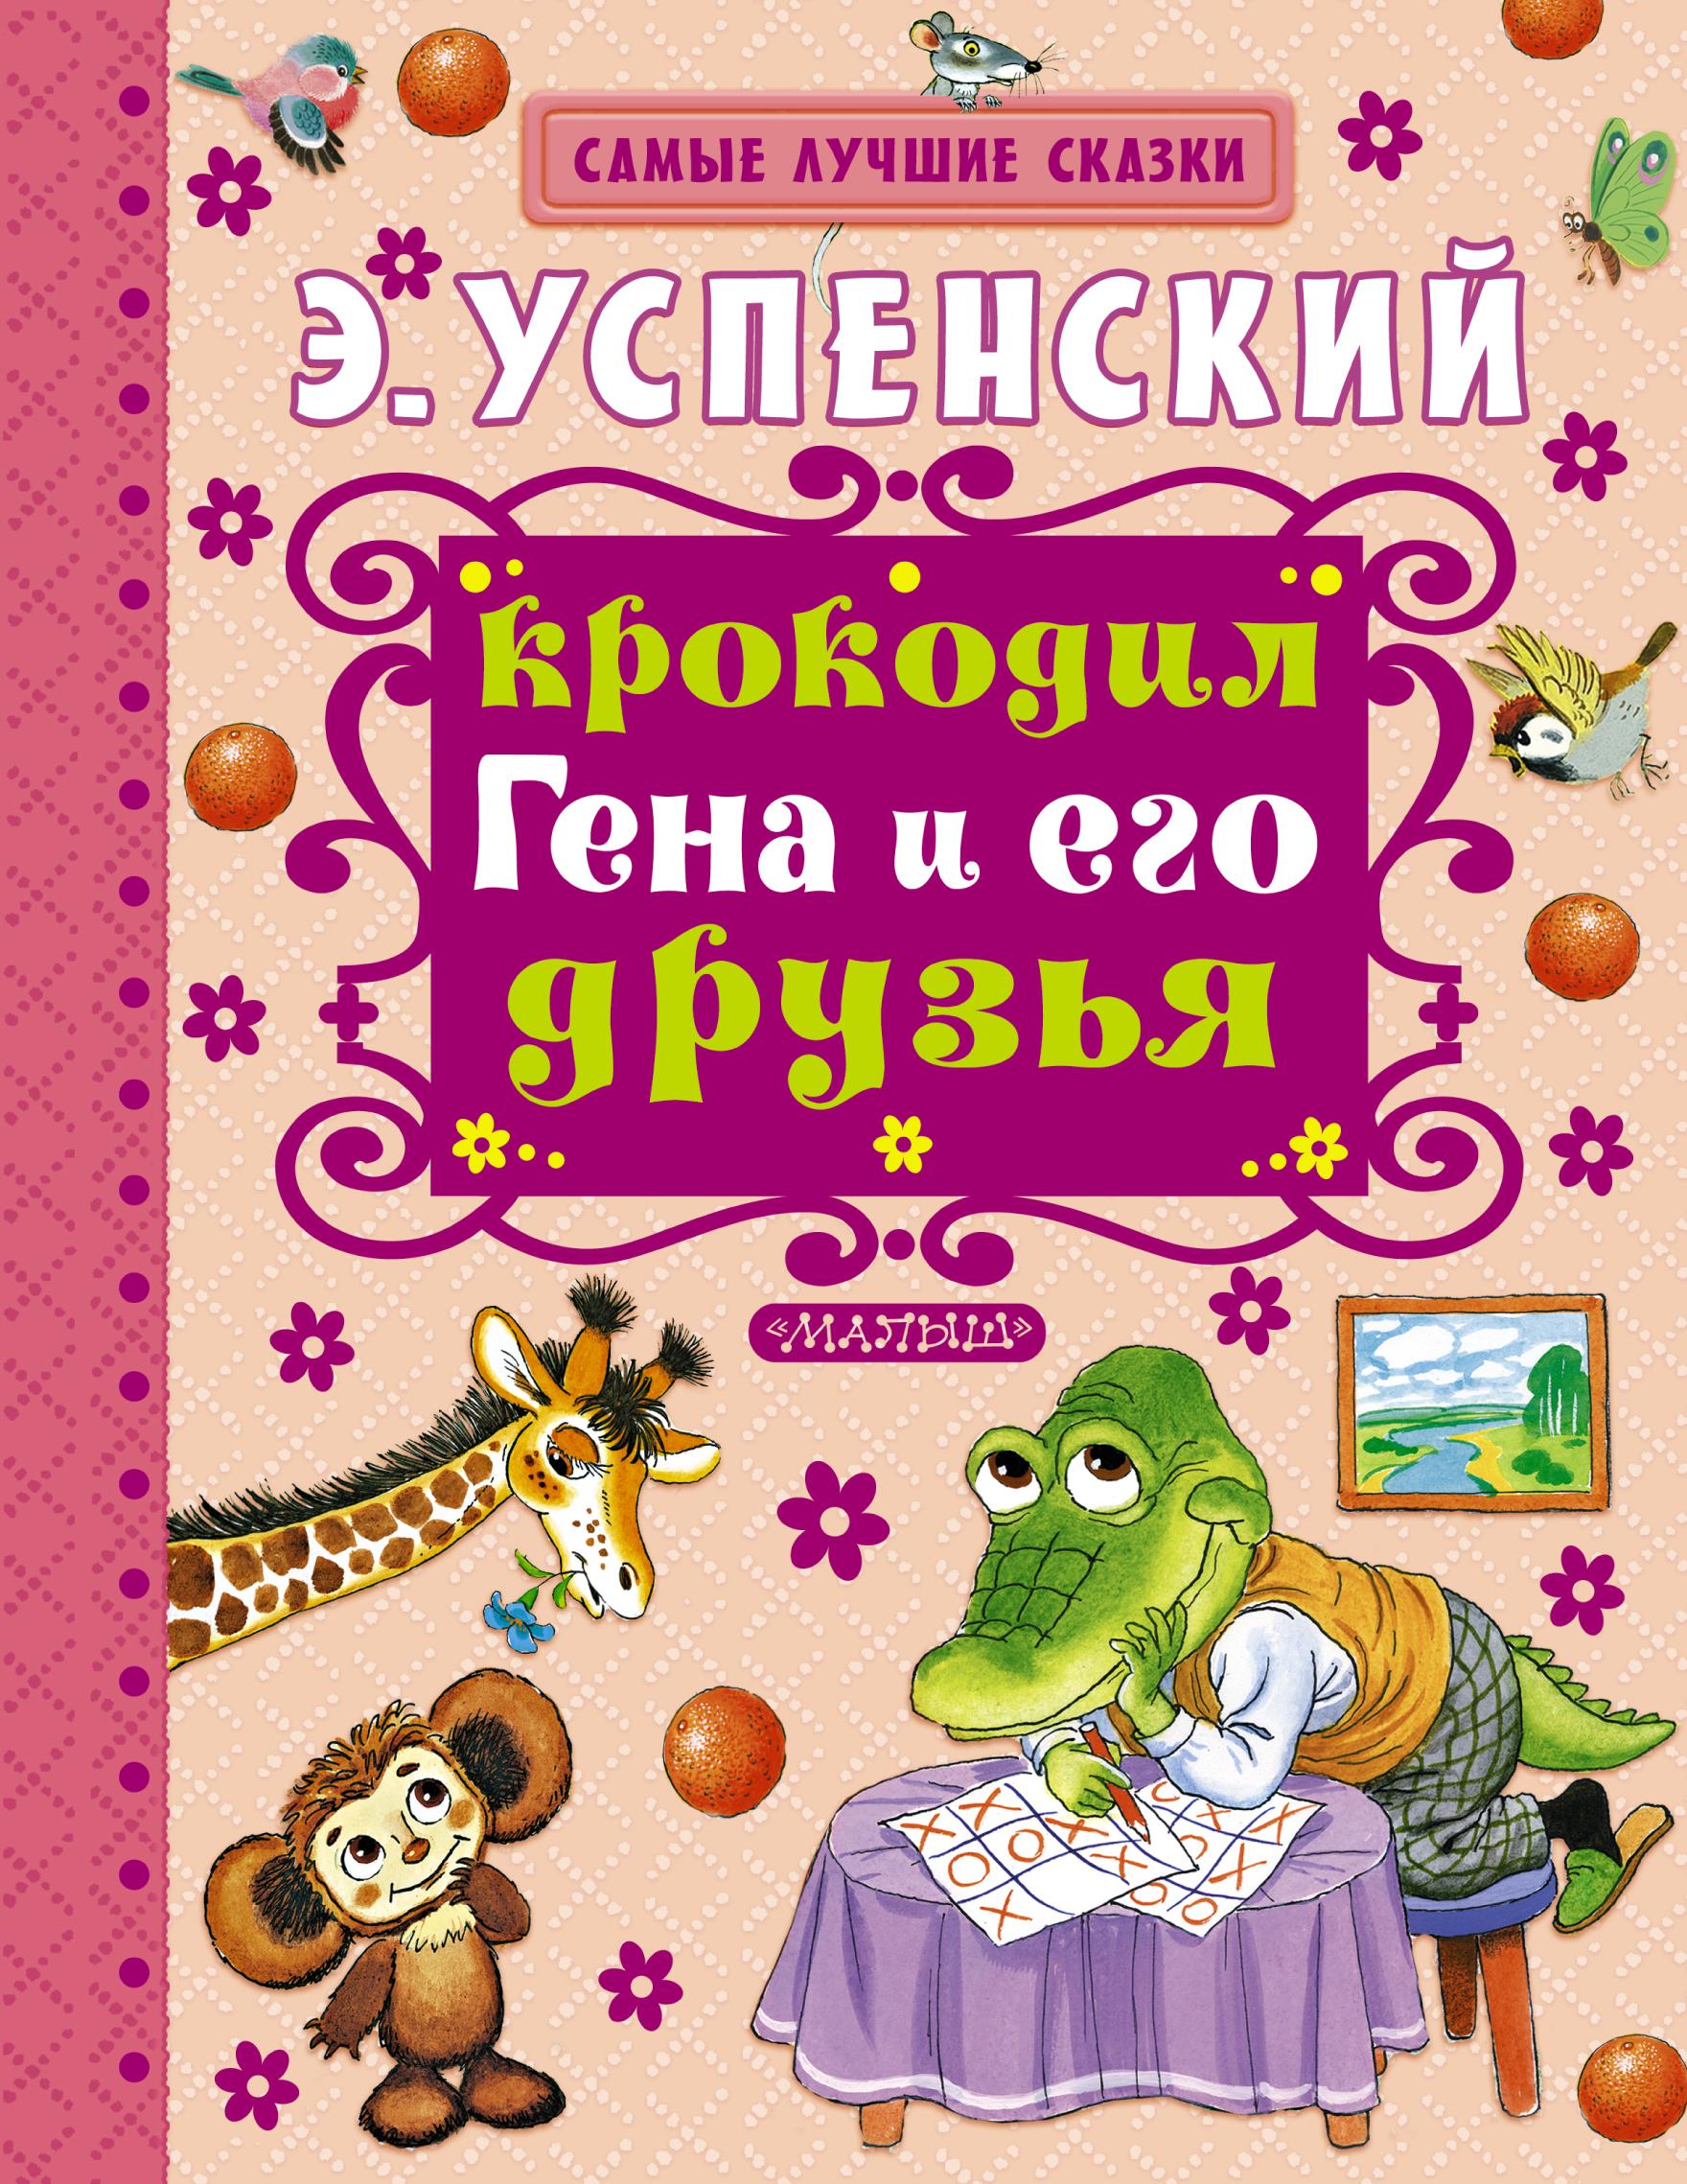 Новые и лучшие книги автора эдуард успенский в интернет-магазине лавка бабуин!. Богатый. Крокодил гена и его друзья,, эдуард успенский фото.